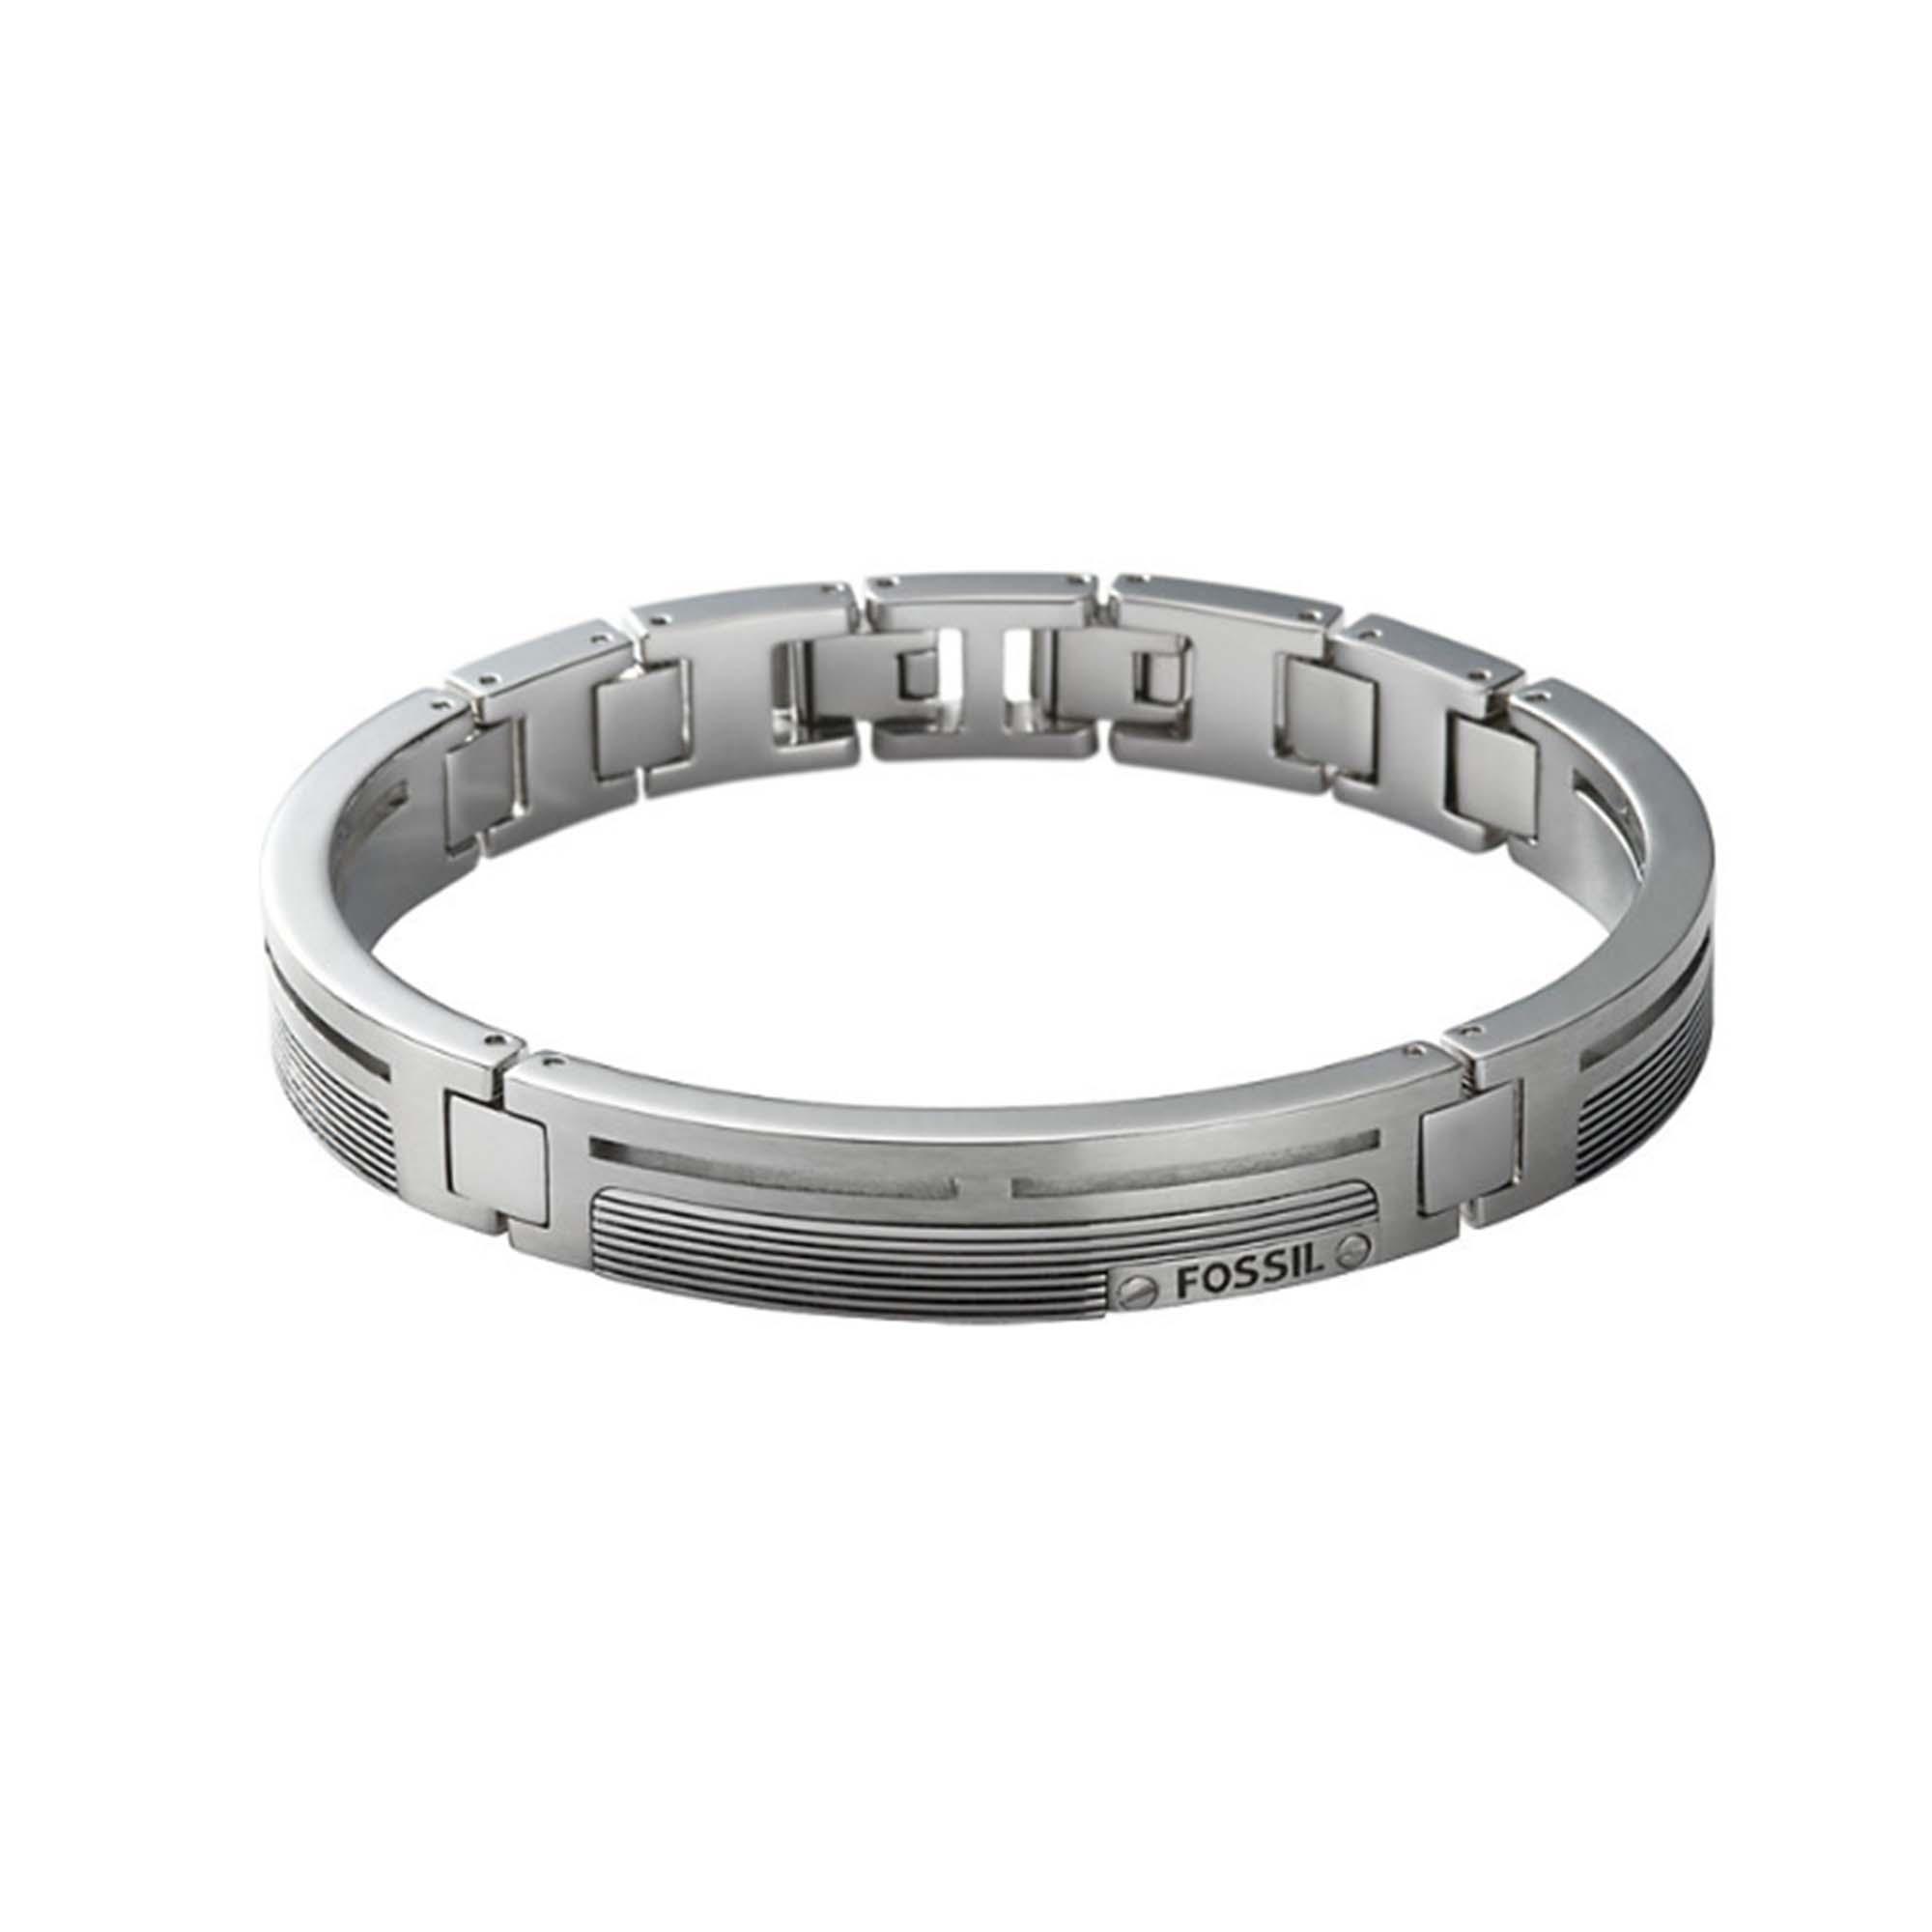 fossil armband mens dress jf84476040 juwelier kraemer onlineshop. Black Bedroom Furniture Sets. Home Design Ideas